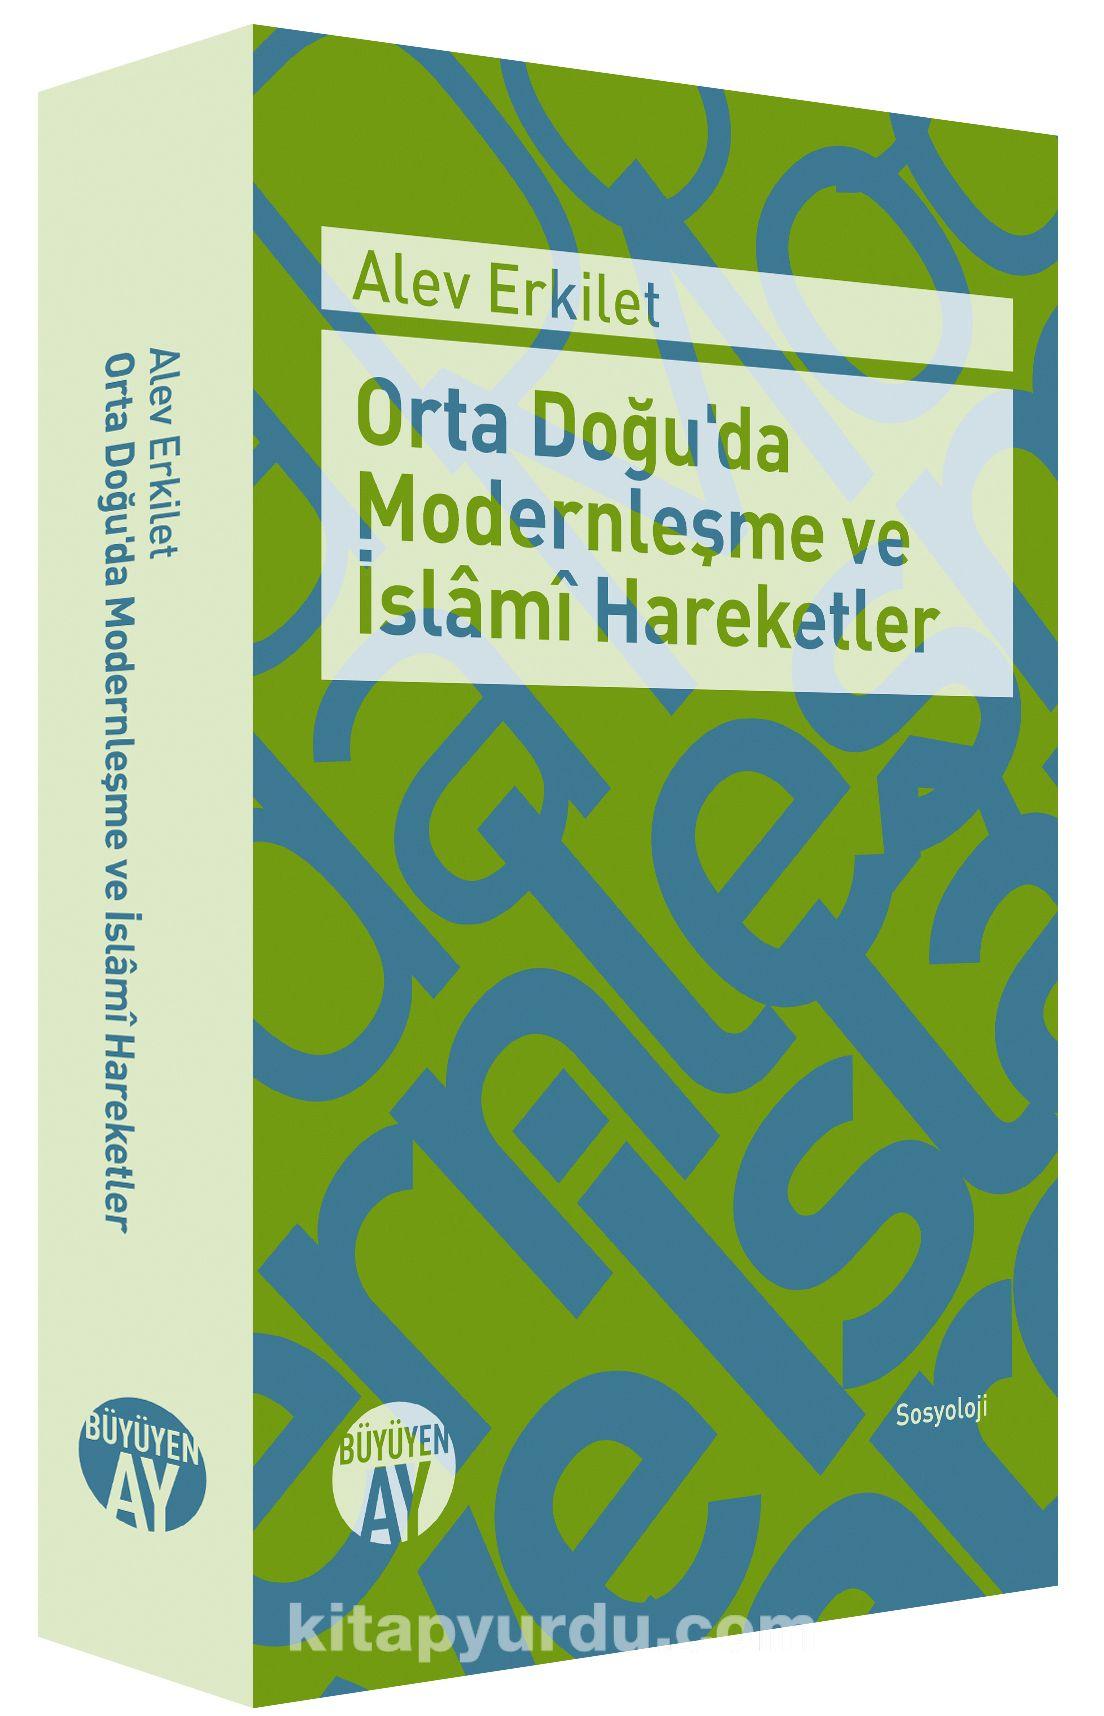 Orta Doğu'da Modernleşme ve İslami Hareketler